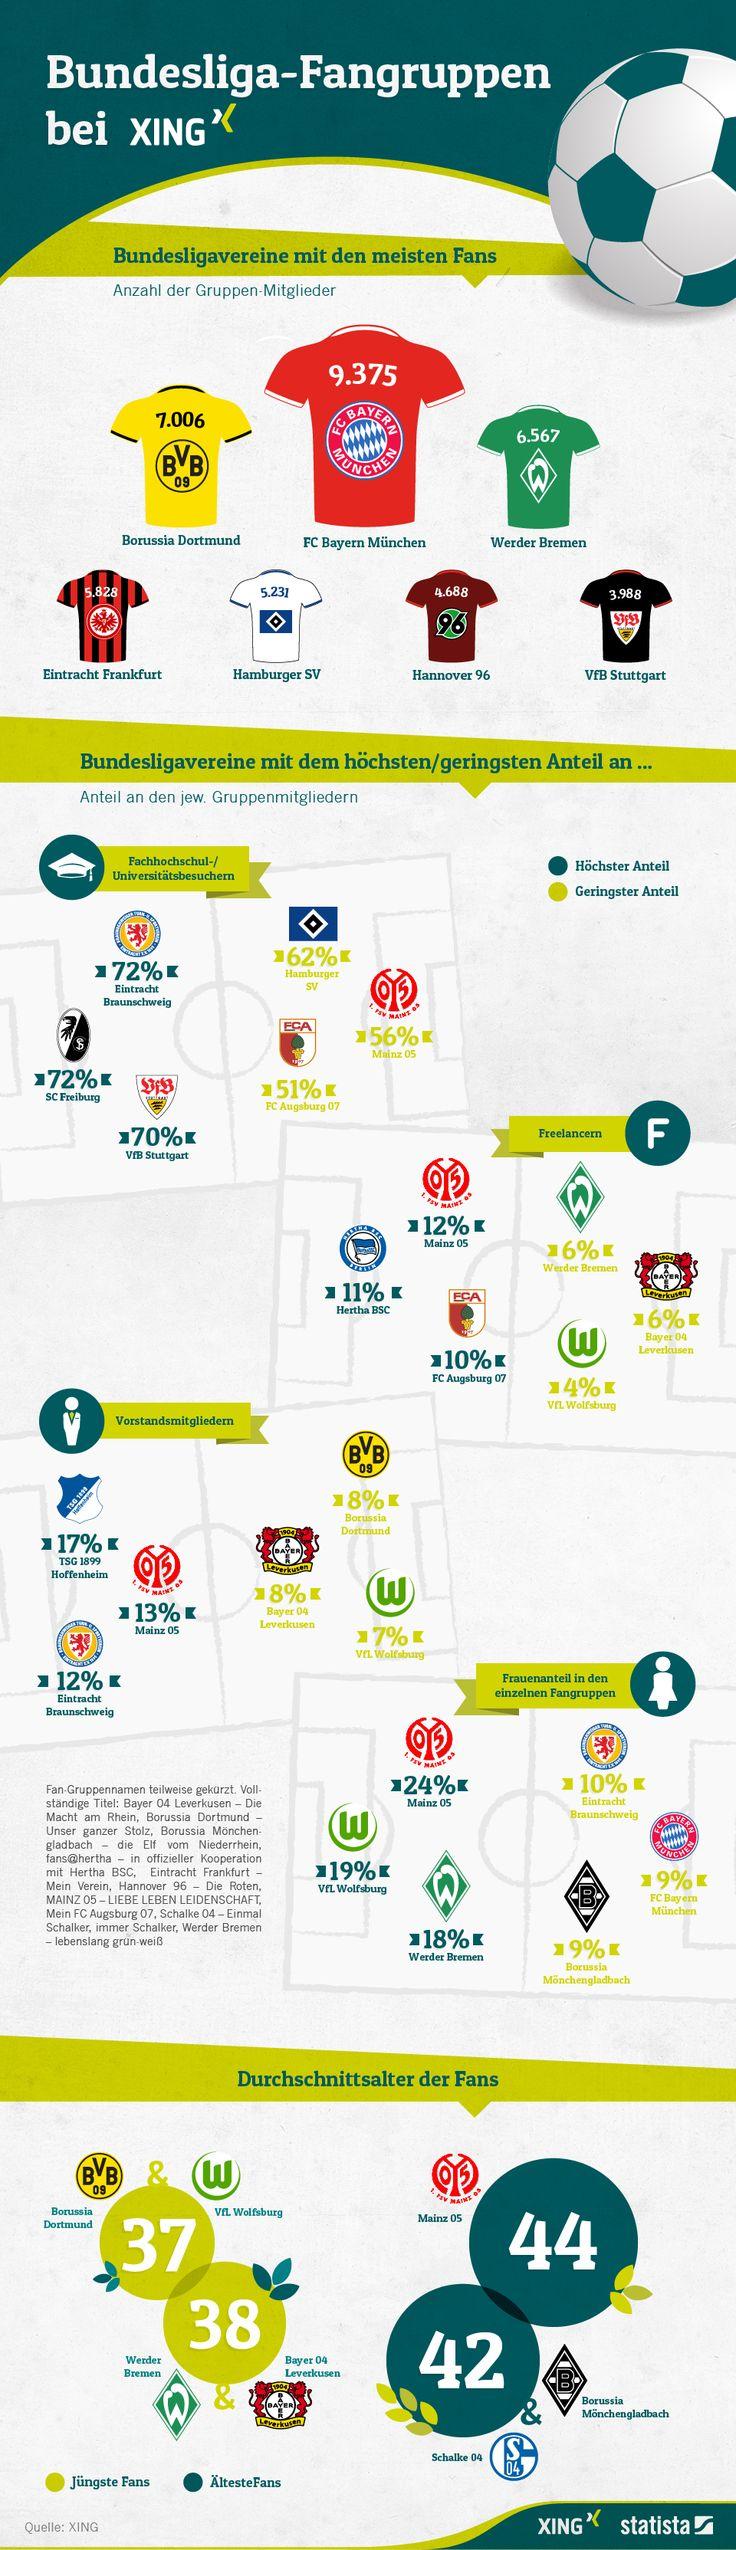 Die Fans des SC Freiburg haben unter den Bundesligavereinen mit 72% den höchsten Akademikeranteil bei den XING-Bundesligafangruppen. Aha! Ein paar Punkte mehr in der Tabelle wären uns lieber.  Infografik: Bundesliga-Fangruppen bei XING | Statista